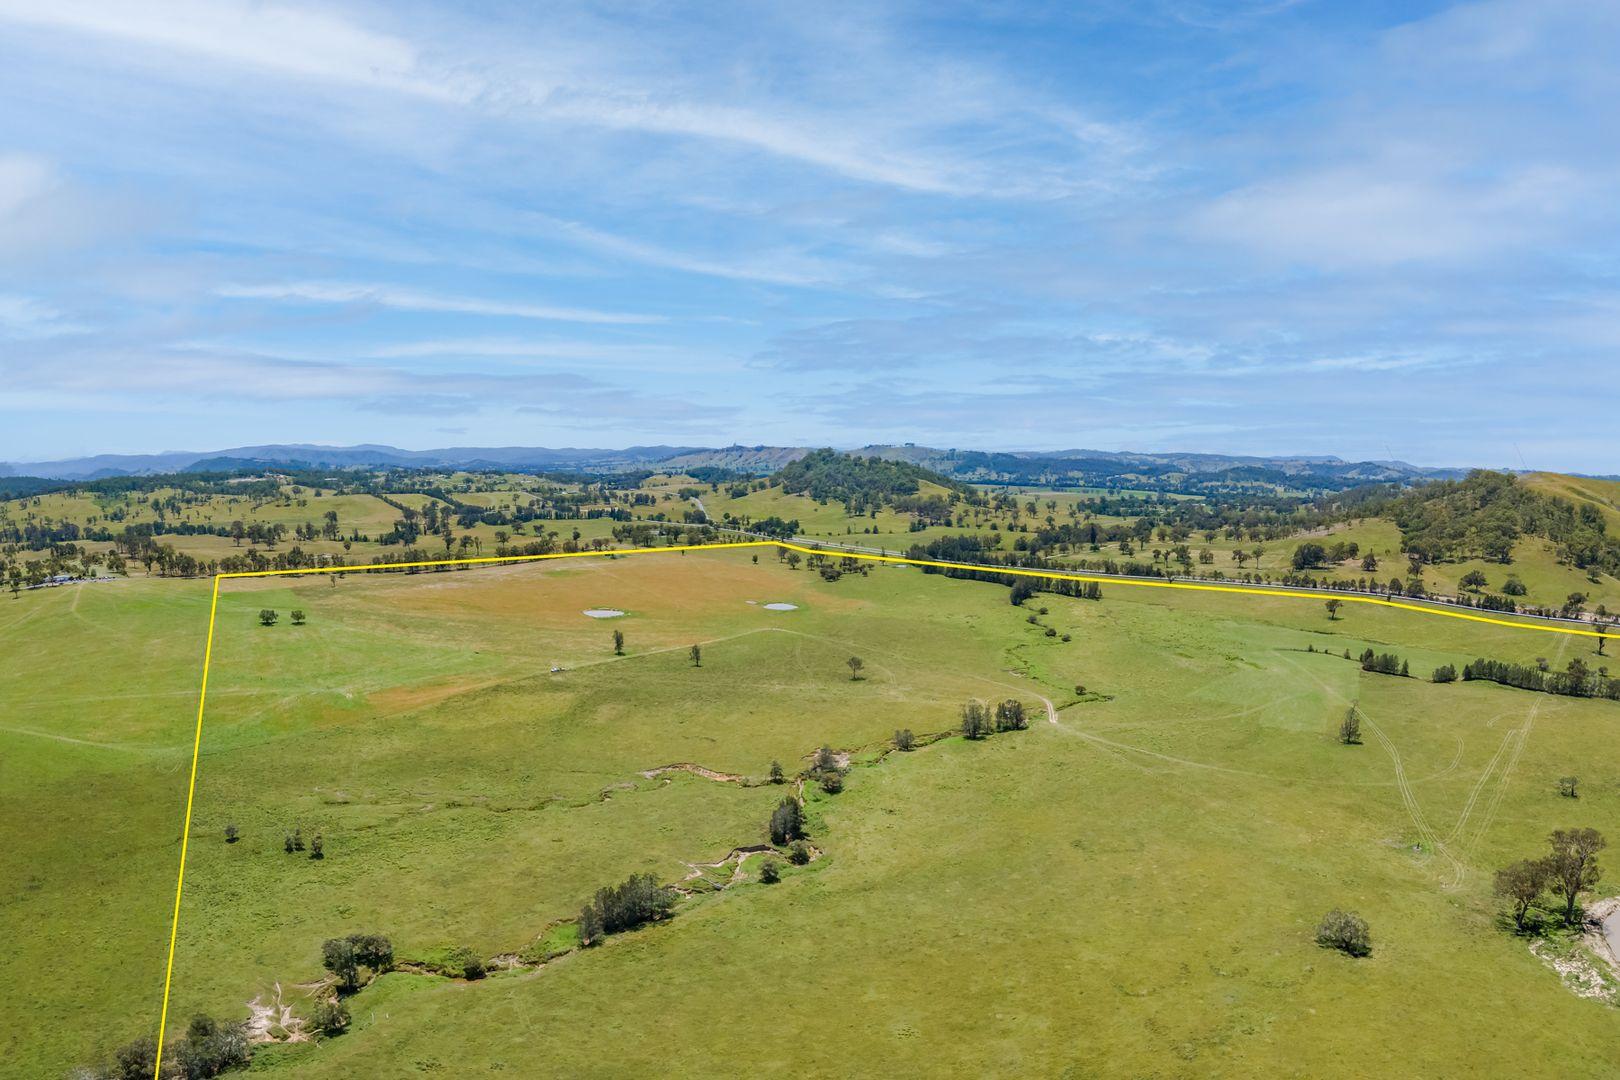 Lot 30 (DP865027)16 Hanleys Creek Road, Tabbil Creek Via, Dungog NSW 2420, Image 0